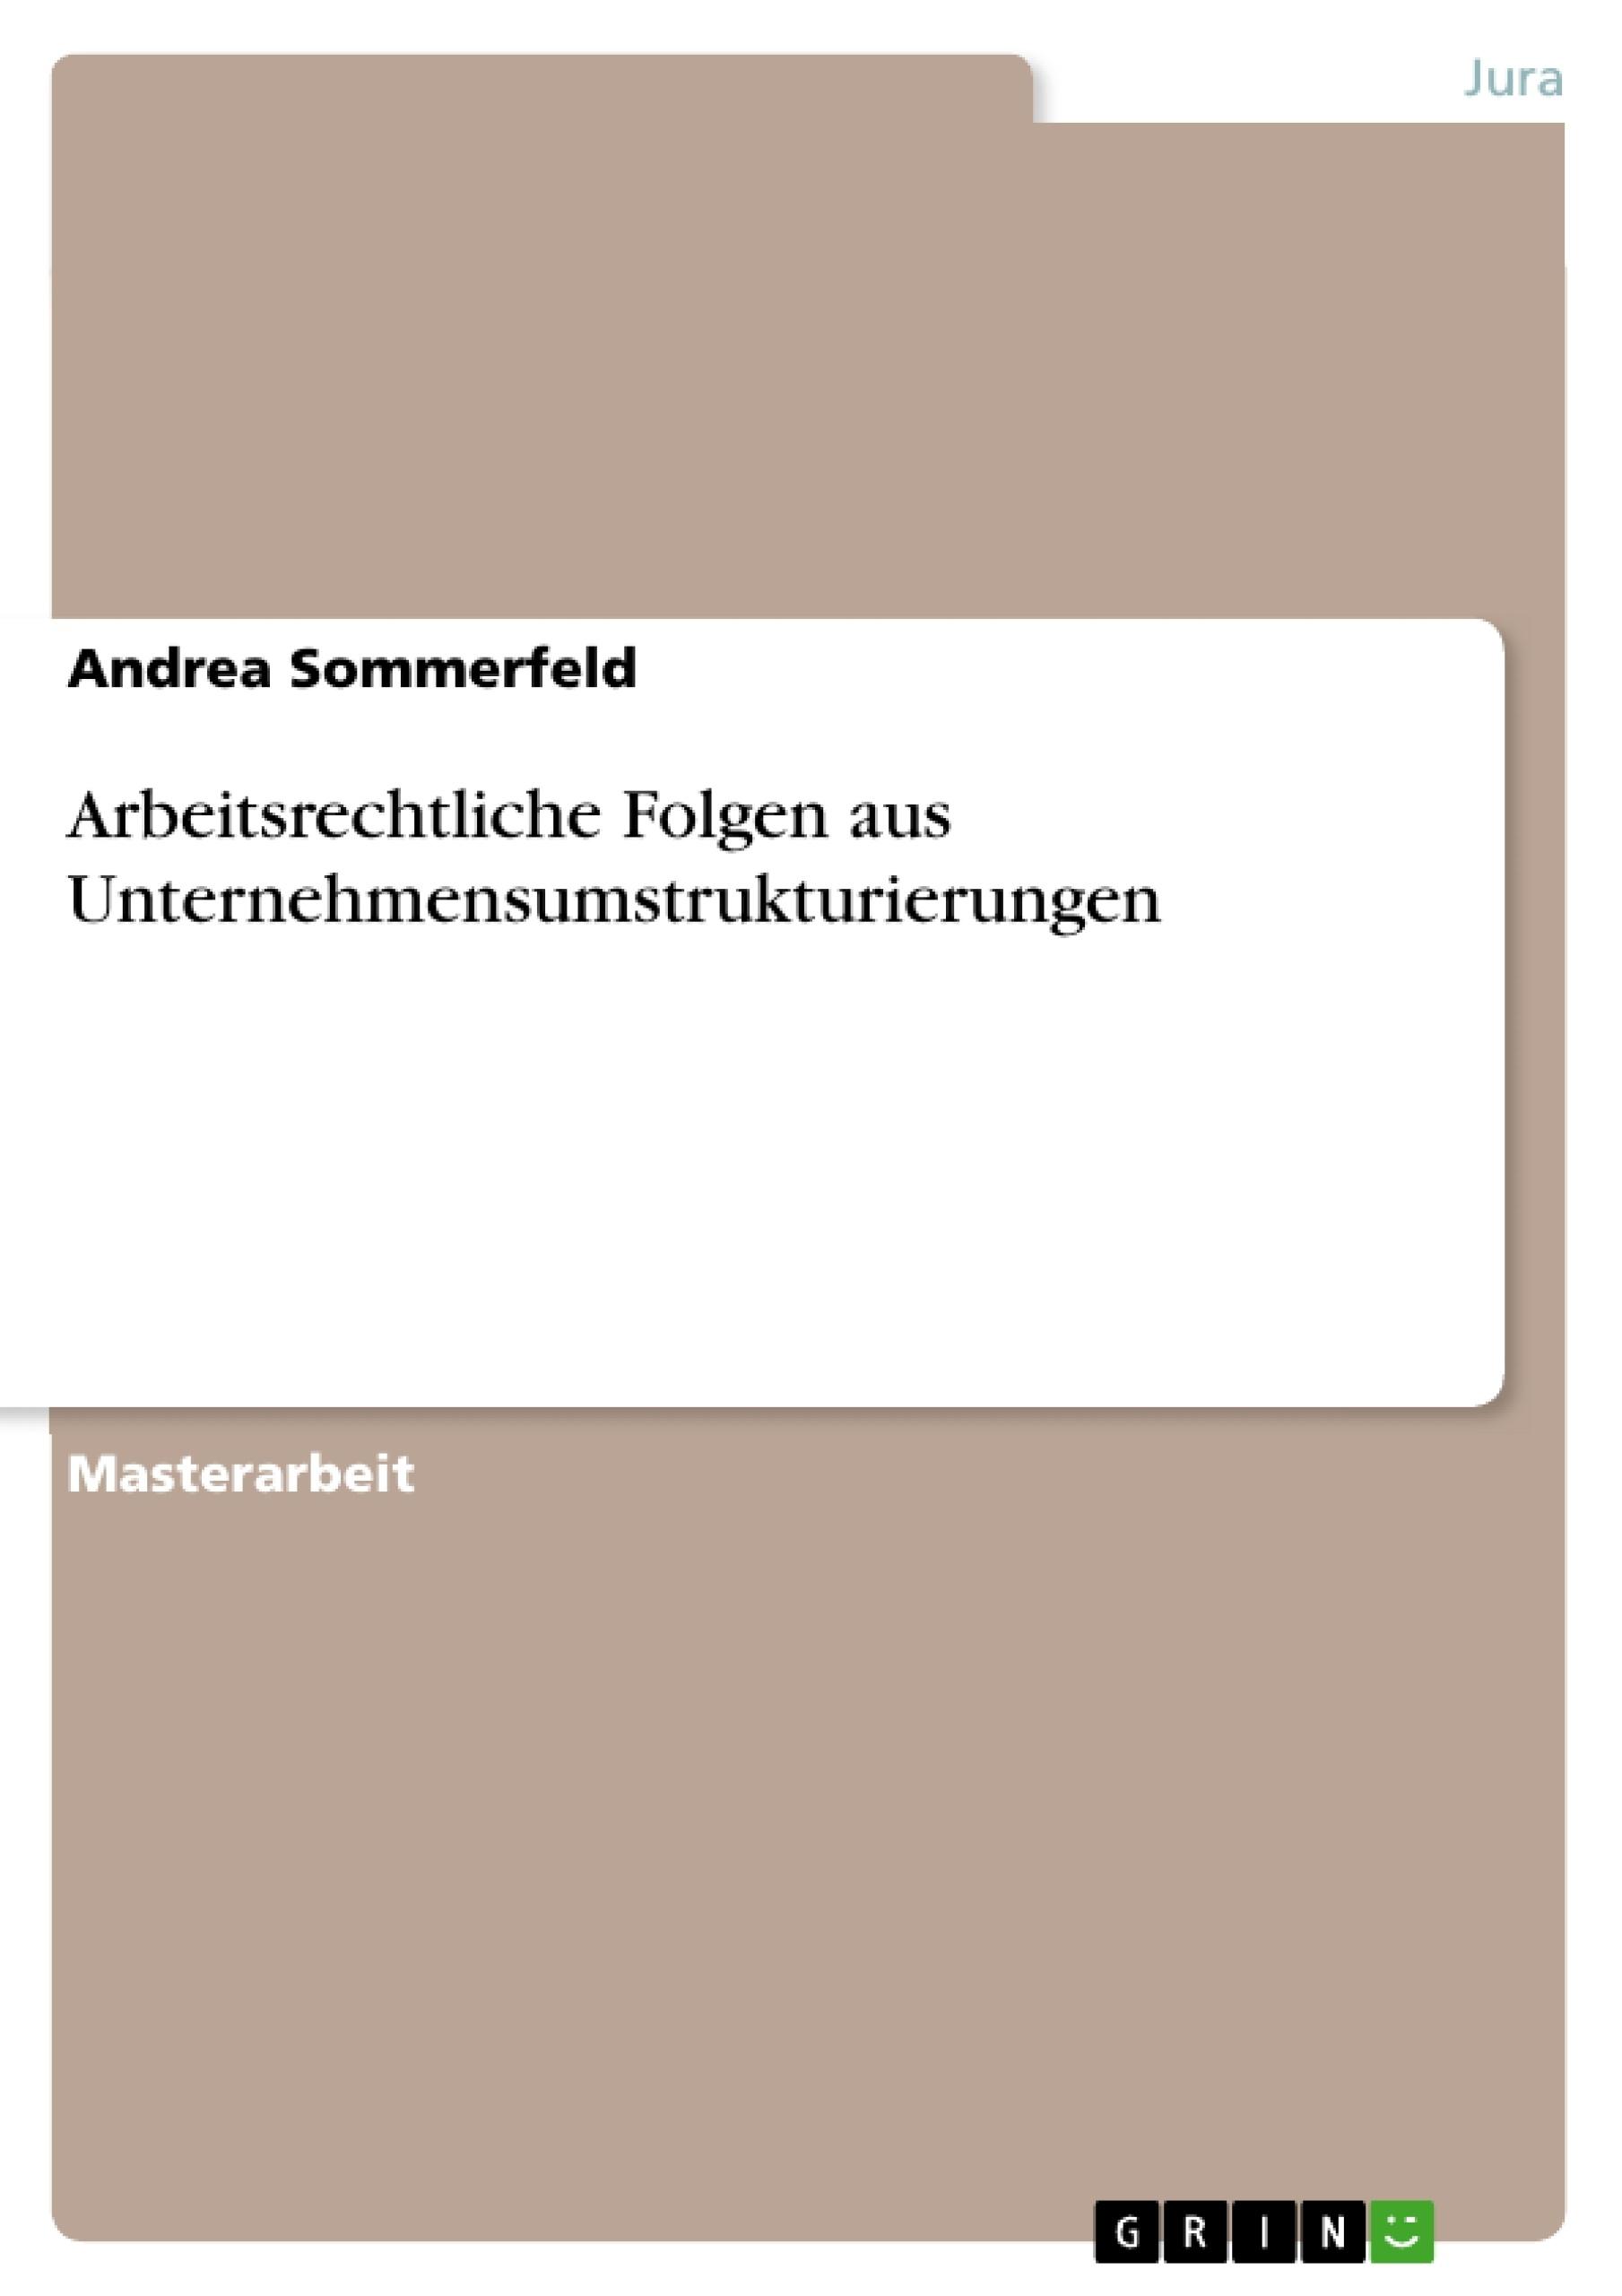 Titel: Arbeitsrechtliche Folgen aus Unternehmensumstrukturierungen